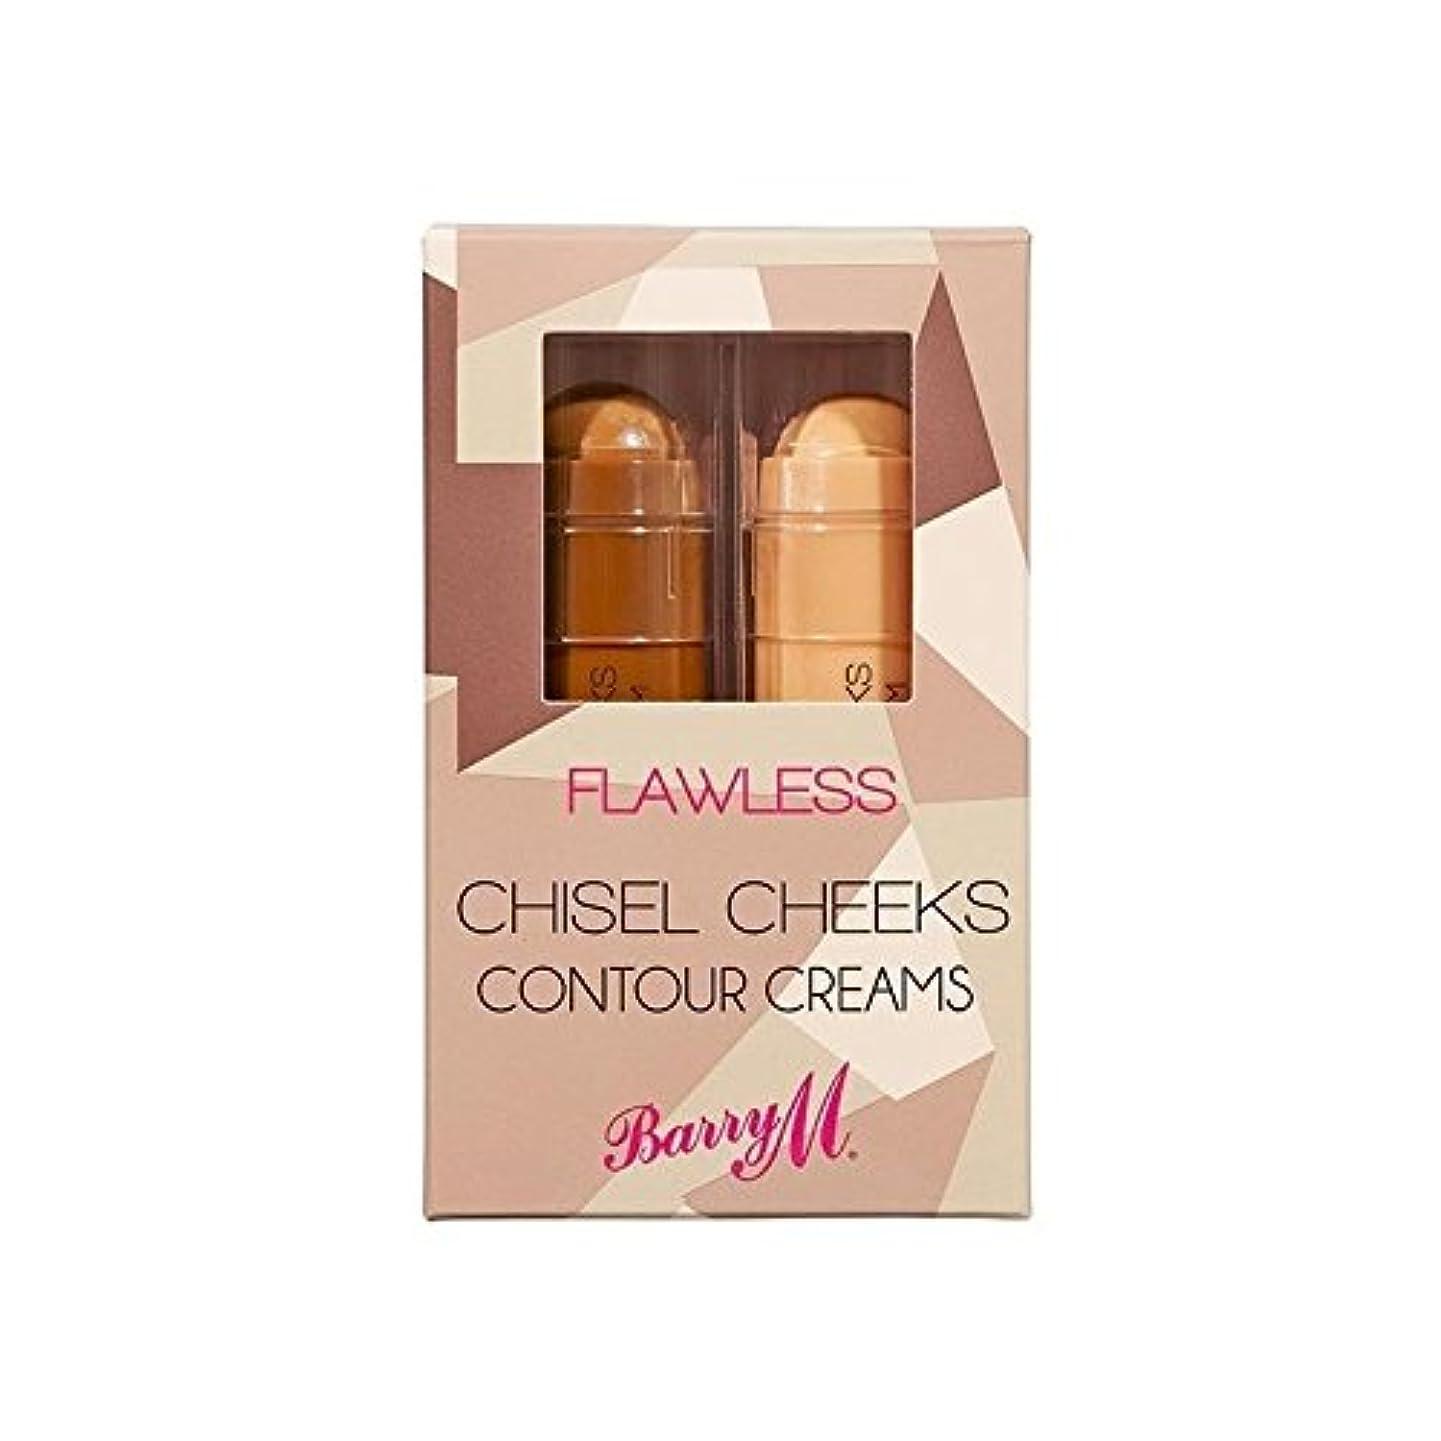 ワックス韻鹿Barry M Chisel Cheek Contour Creams (Pack of 6) - バリーメートルチゼル頬の輪郭クリーム x6 [並行輸入品]